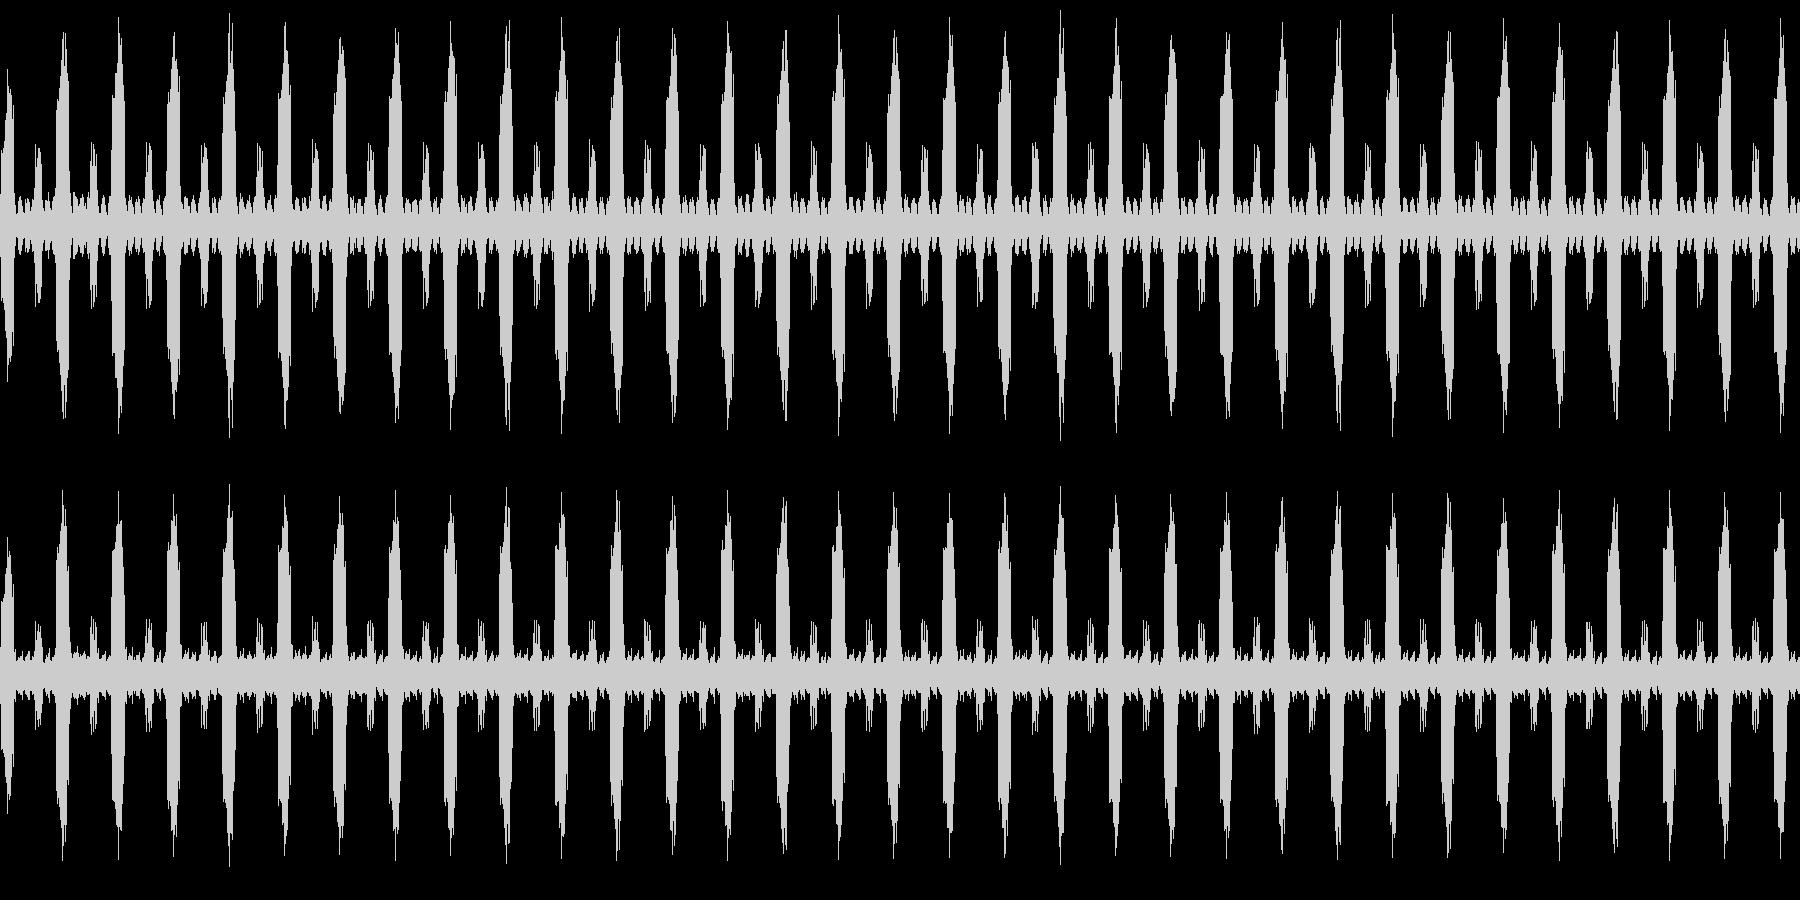 鳥と虫のループの未再生の波形